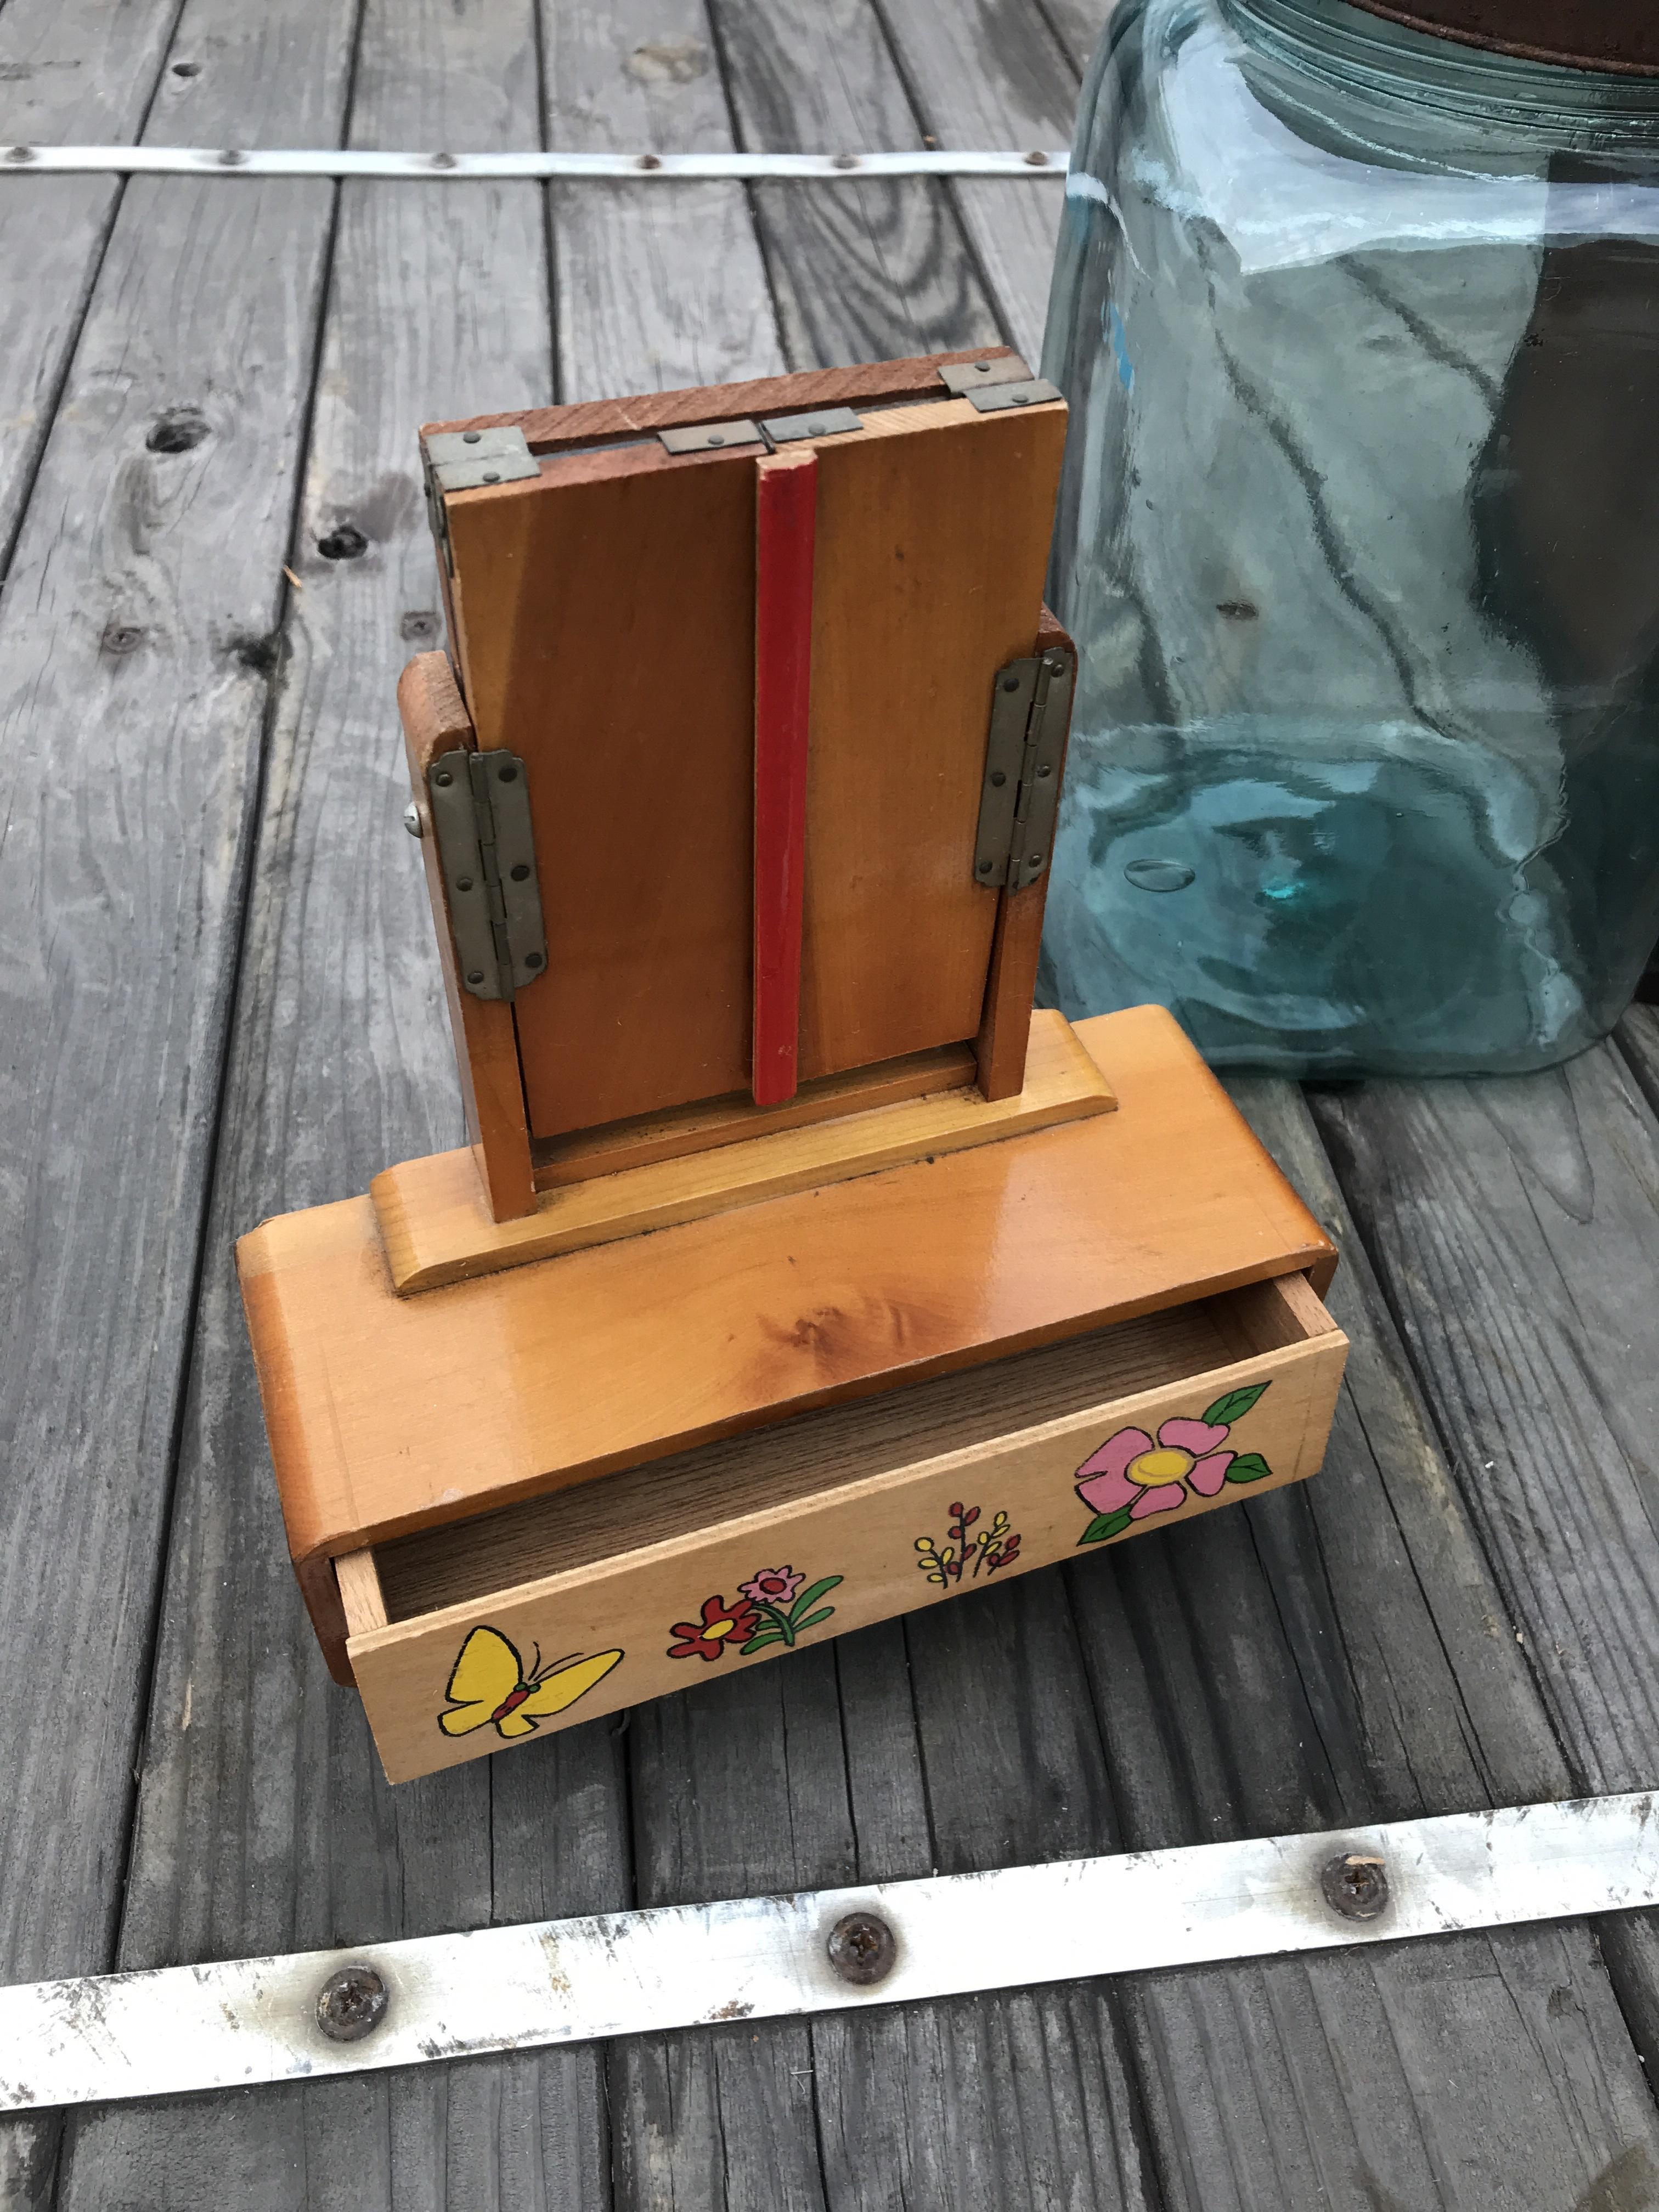 レトロ ままごと 木製の鏡台